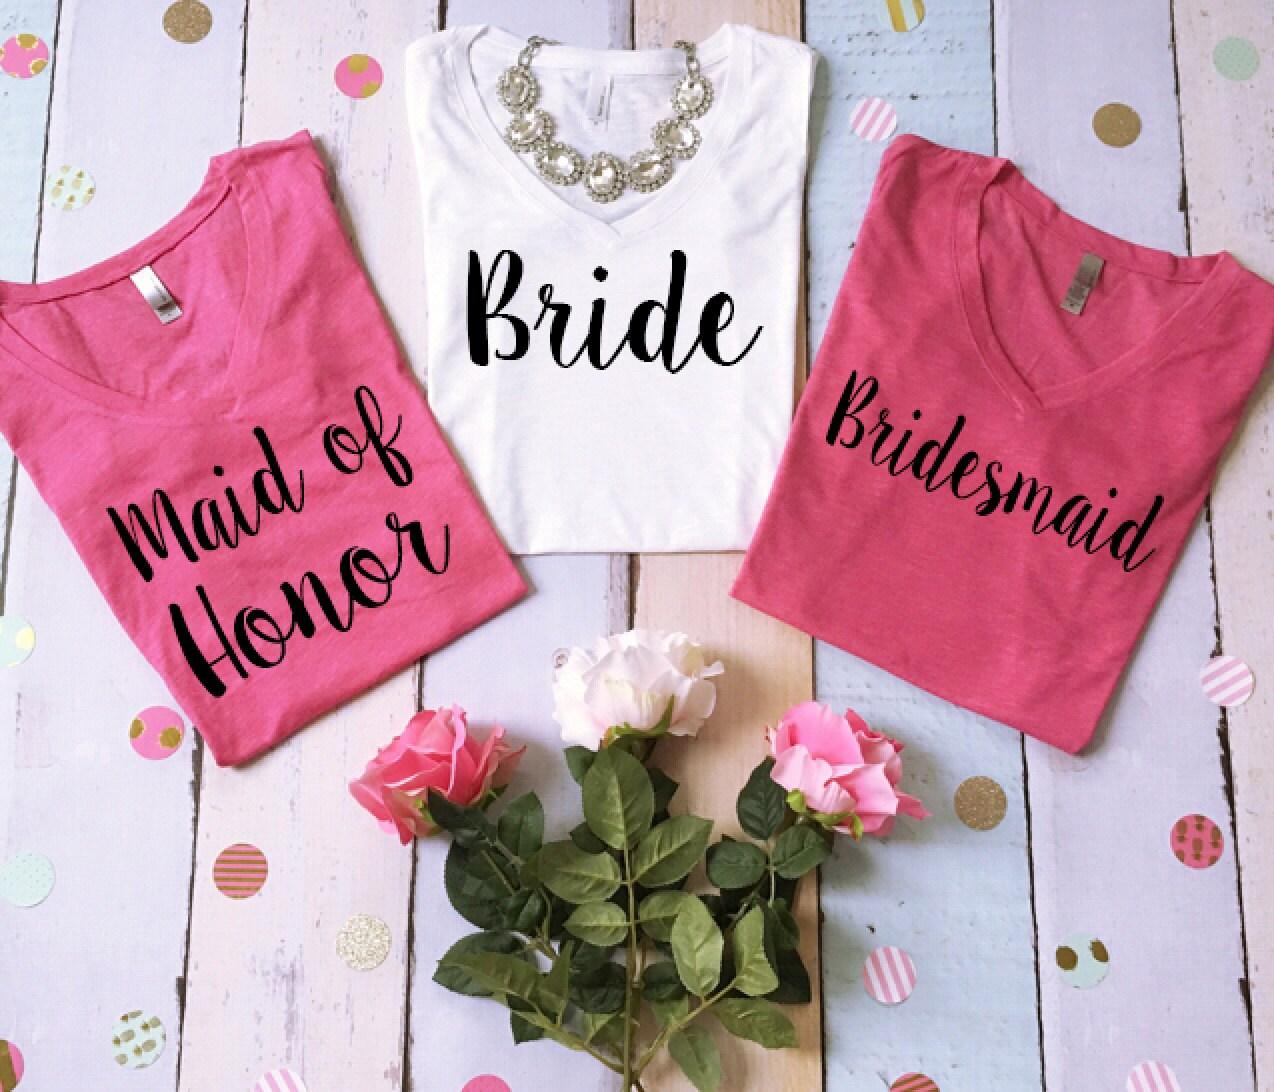 6 Wedding vneck tee shirts. 6 bridal party tees. 6 bridesmaid